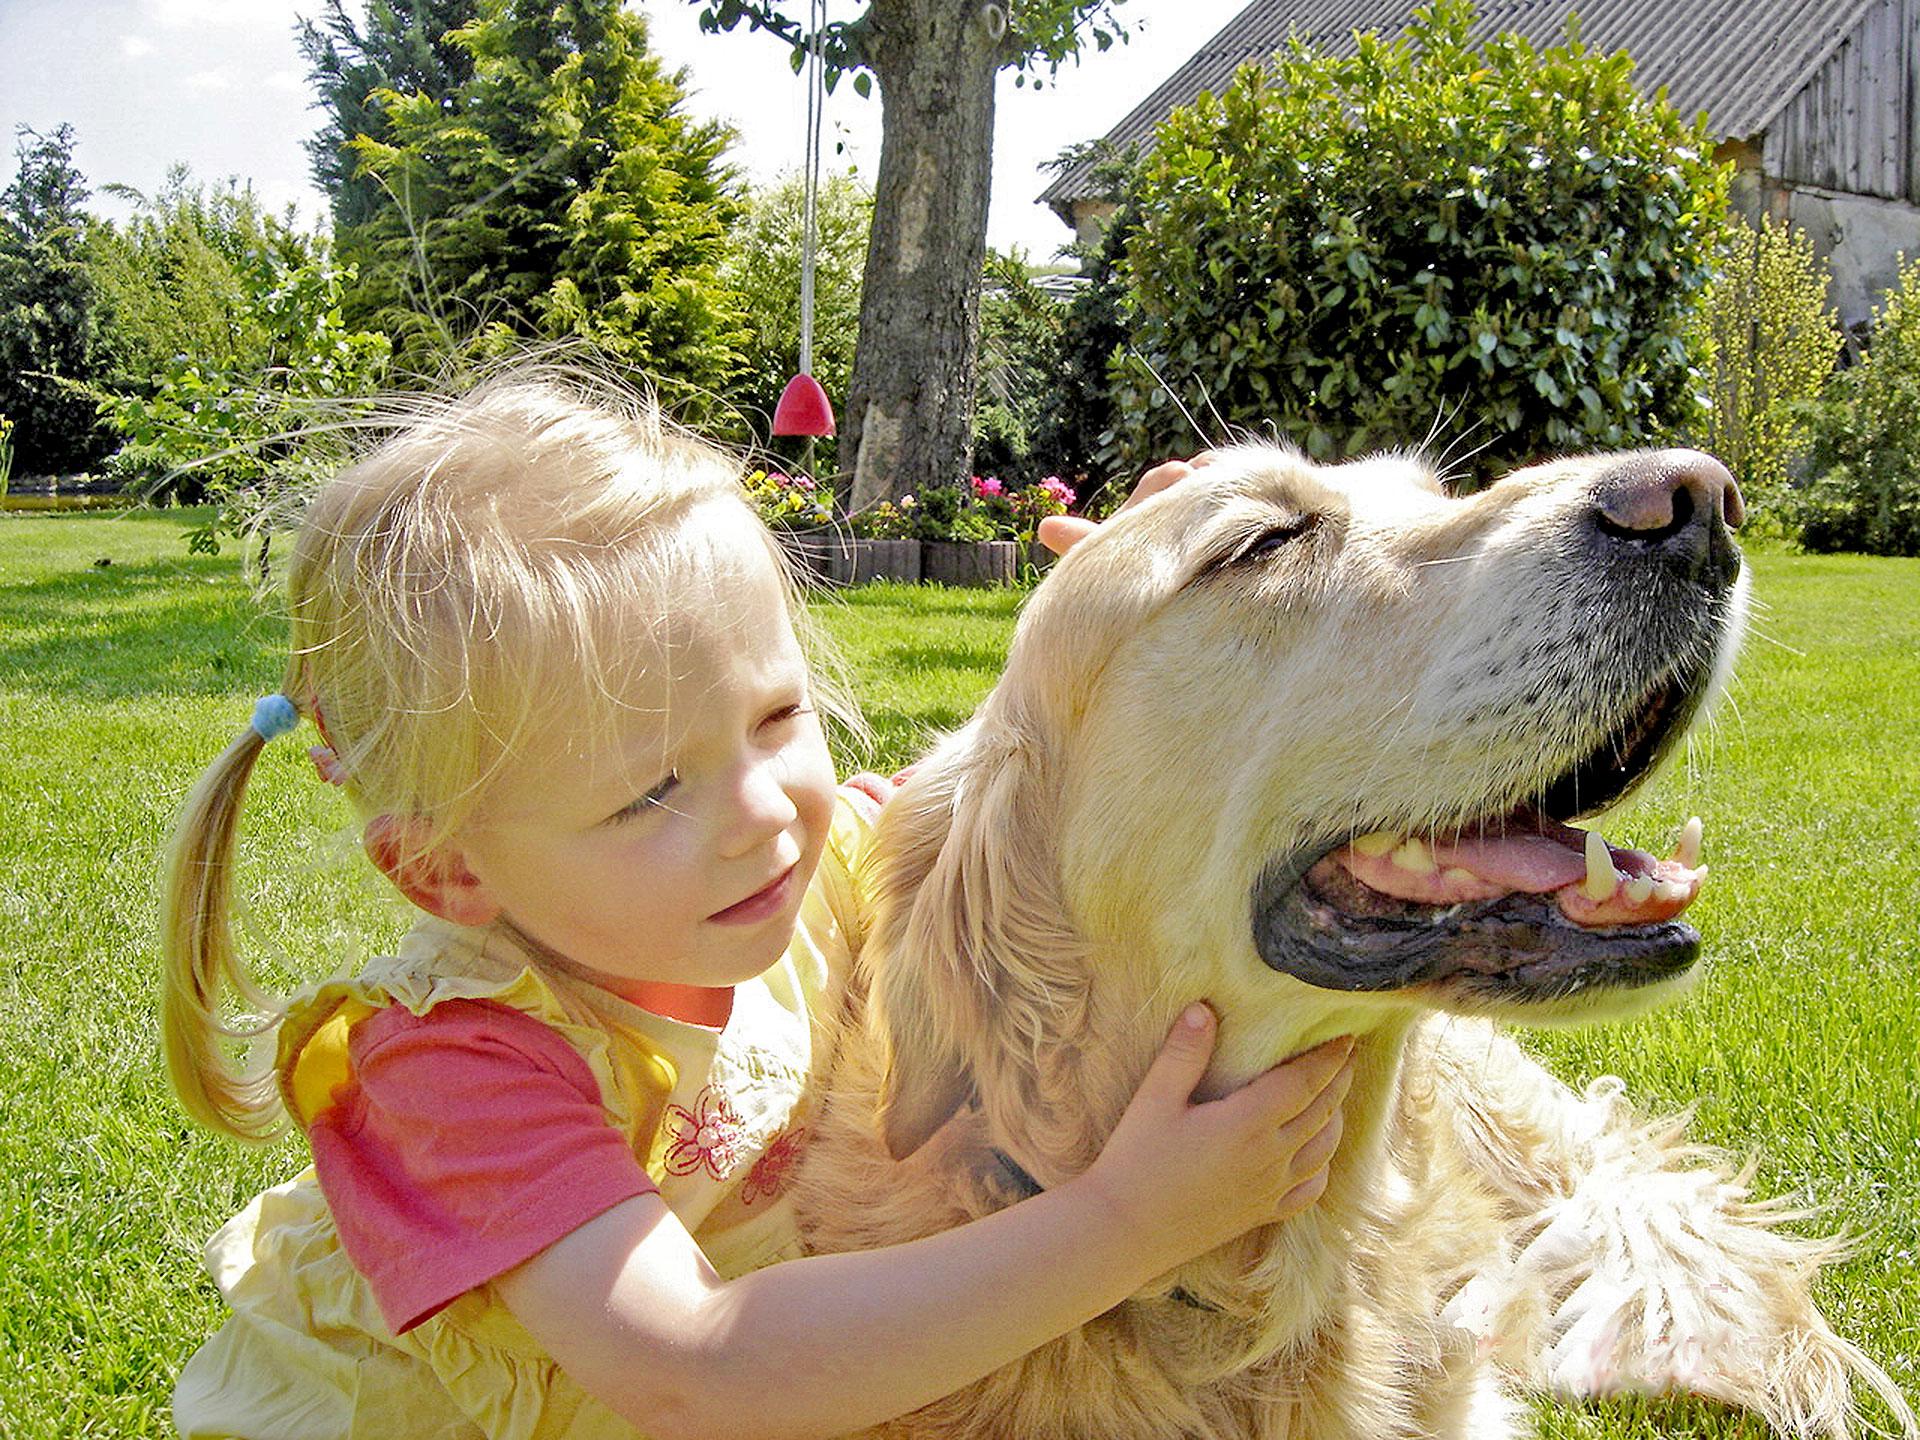 Karls hilft Hund mit Kind